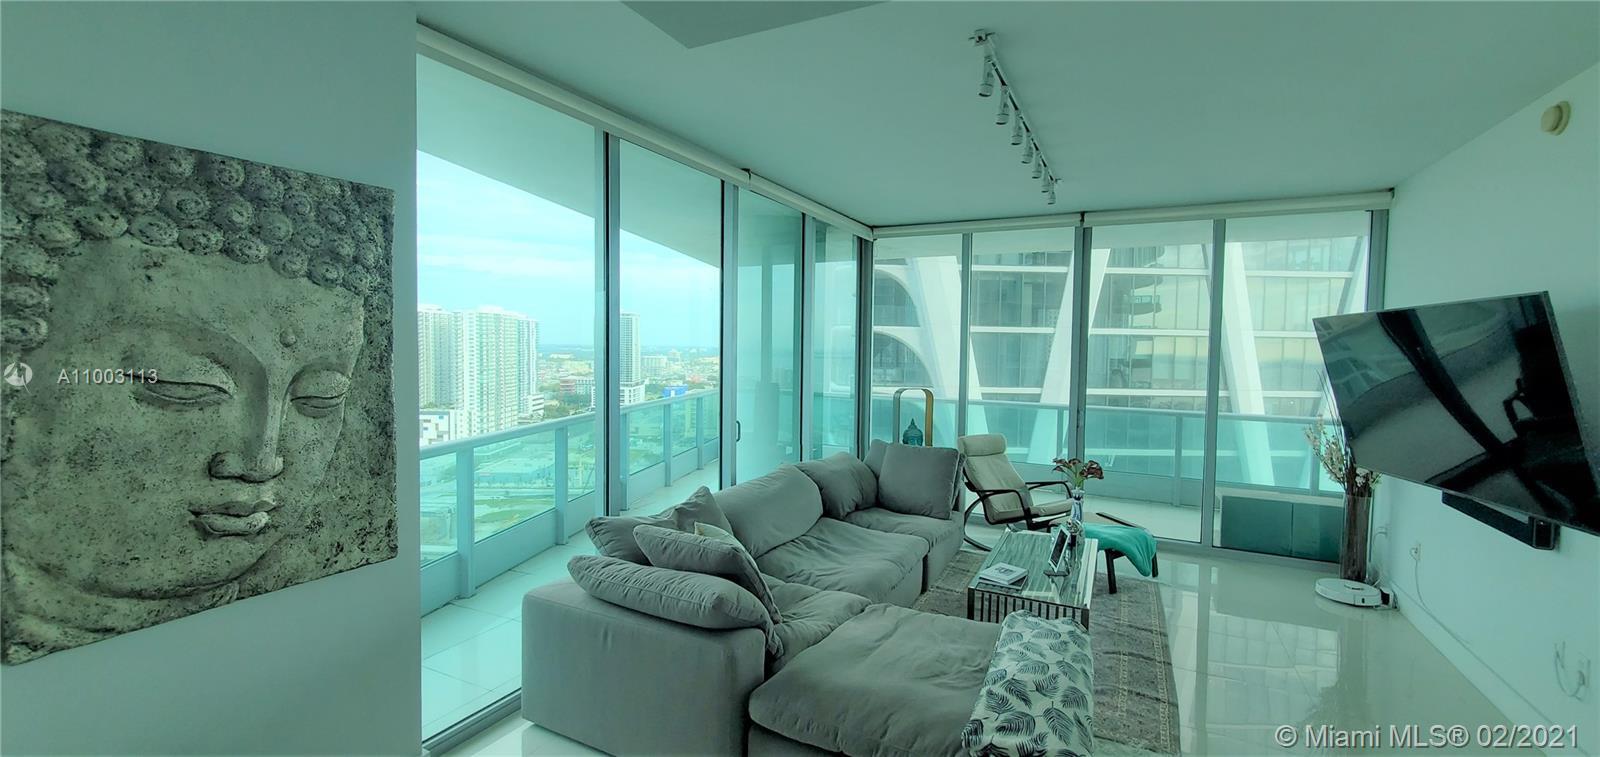 900 Biscayne Bay #3112 - 900 Biscayne Blvd #3112, Miami, FL 33132